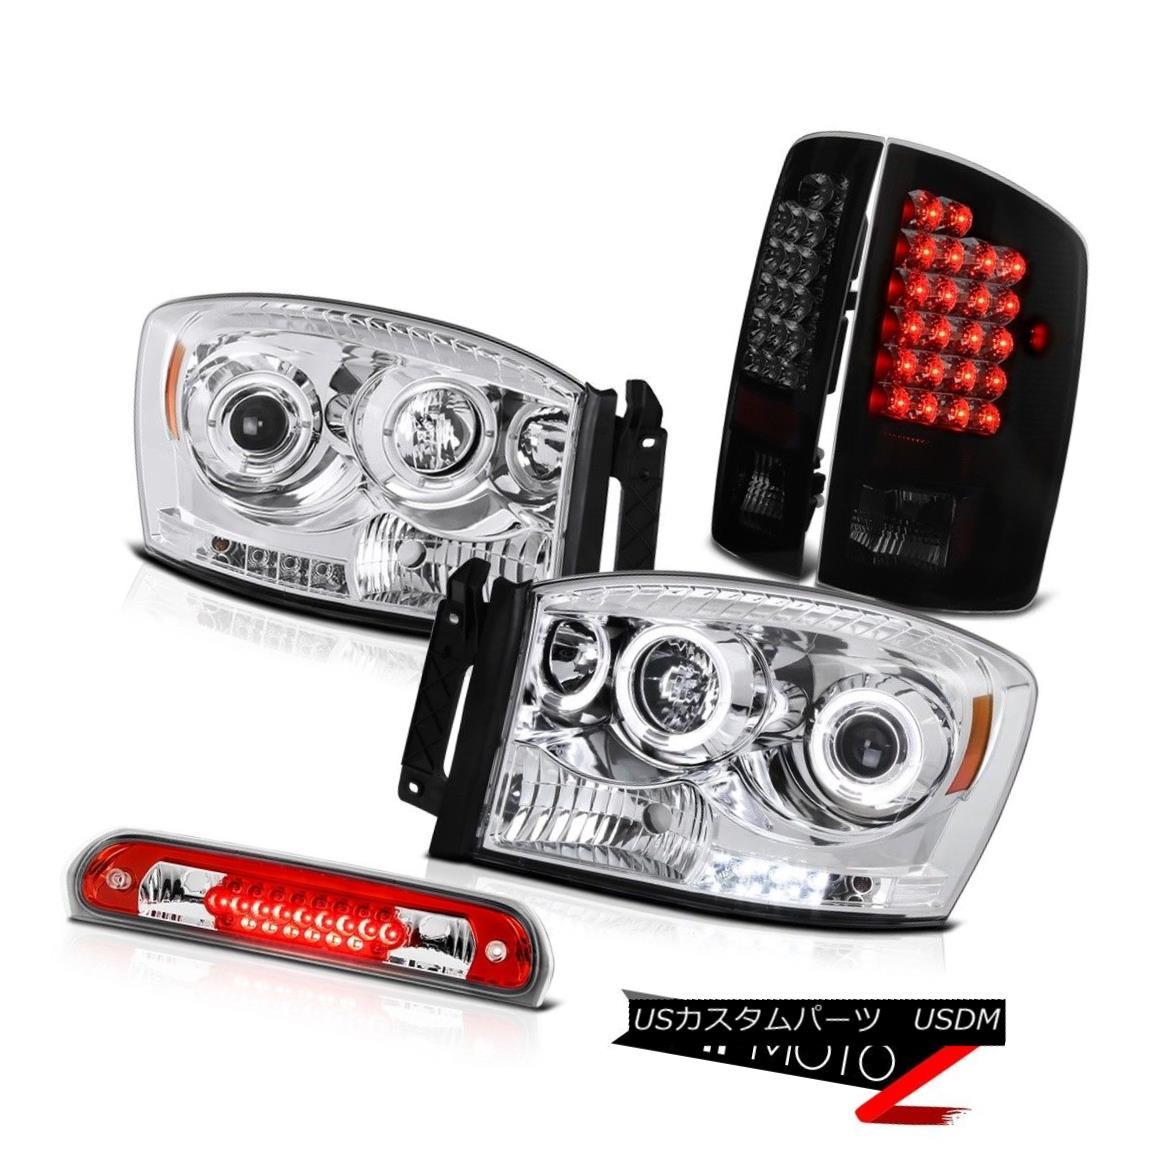 テールライト Halo LED Headlights Sinister Black Taillights High Stop Red 07 08 Ram Magnum V8 Halo LEDヘッドライト灰色の闇の灯台ハイストップレッド07 08ラムマグナムV8